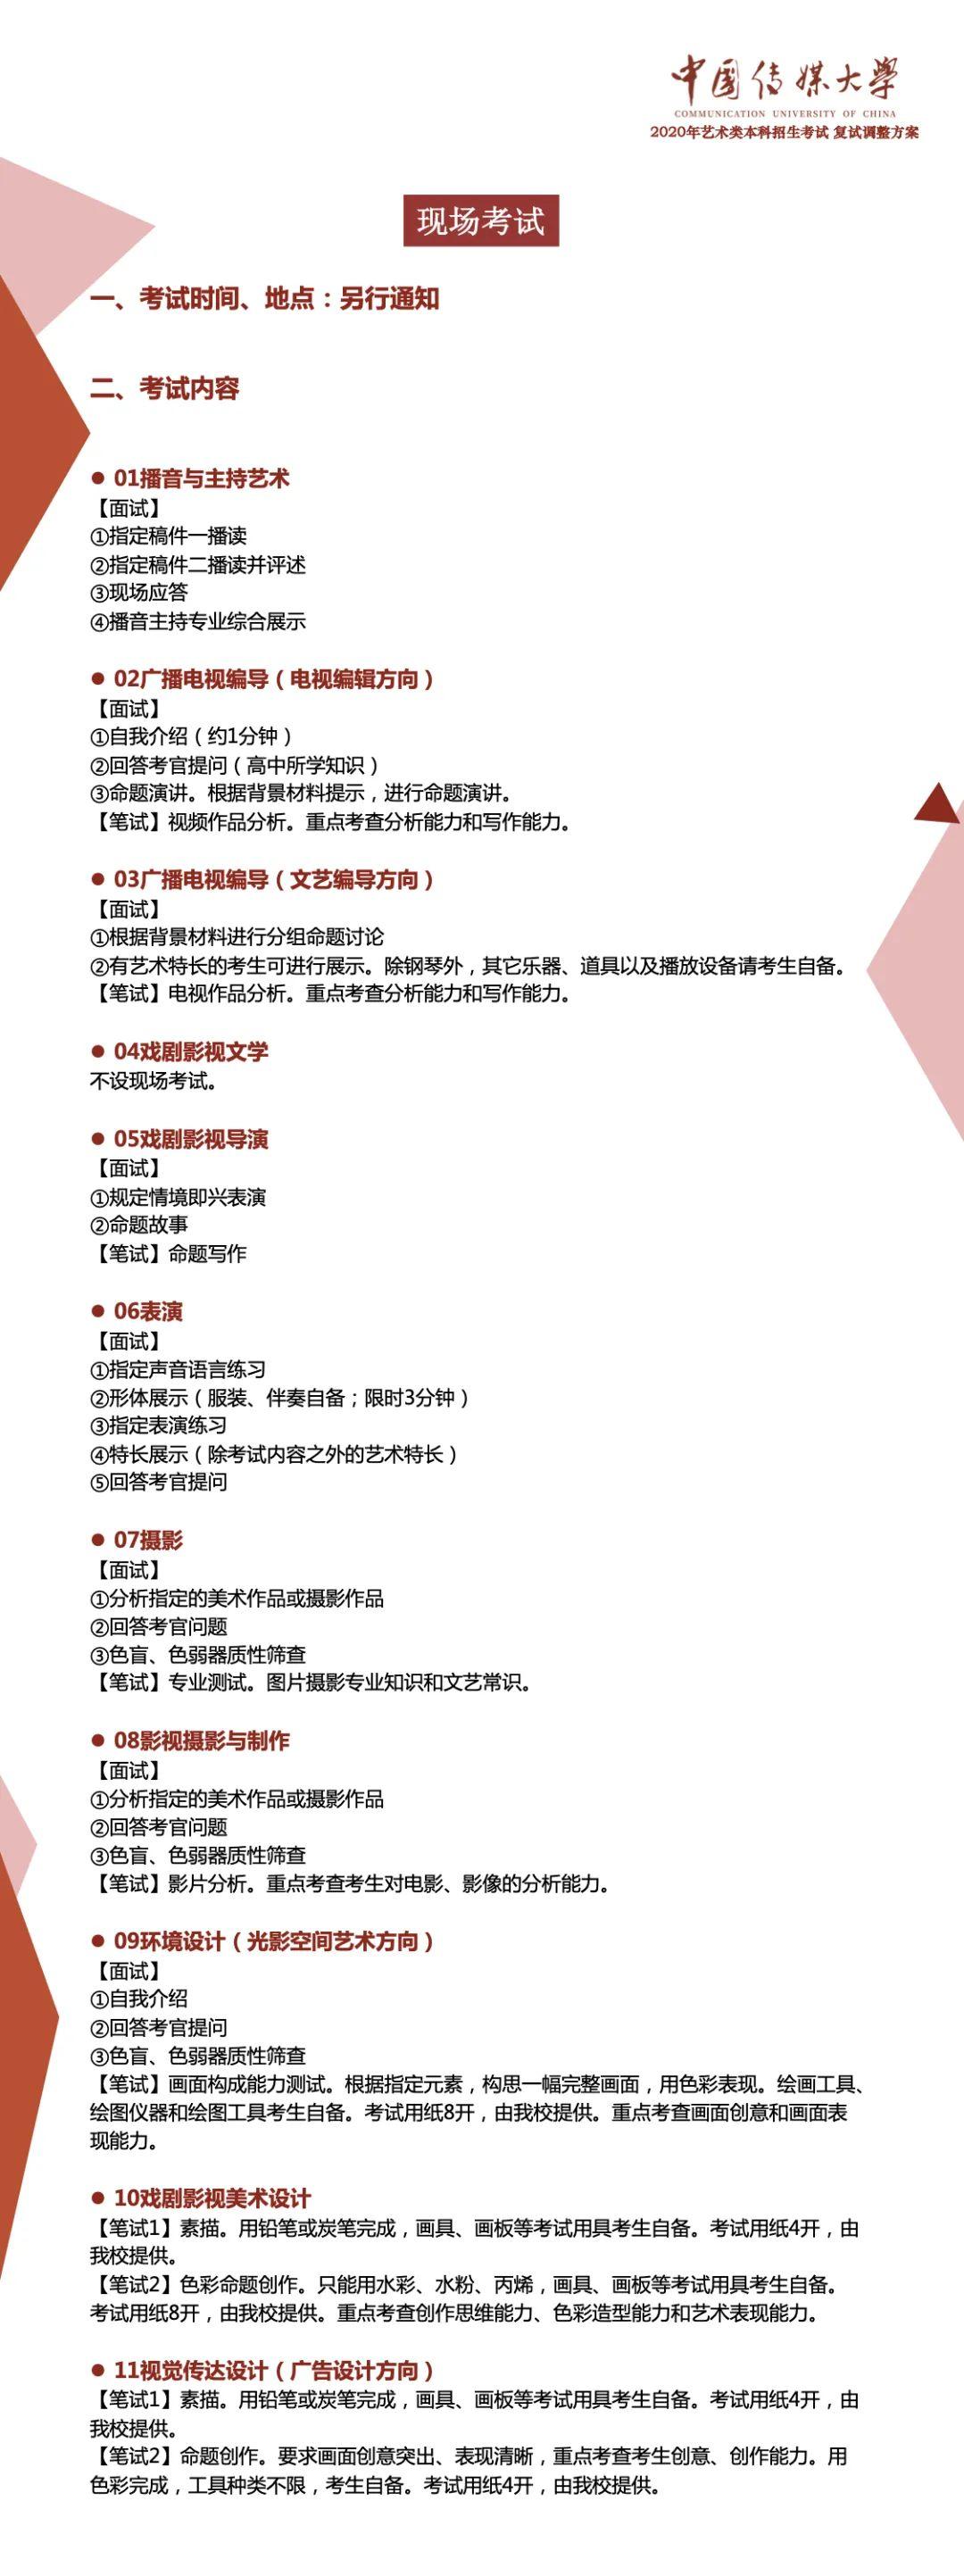 杭州画室,中国传媒大学,杭州艺考画室,07